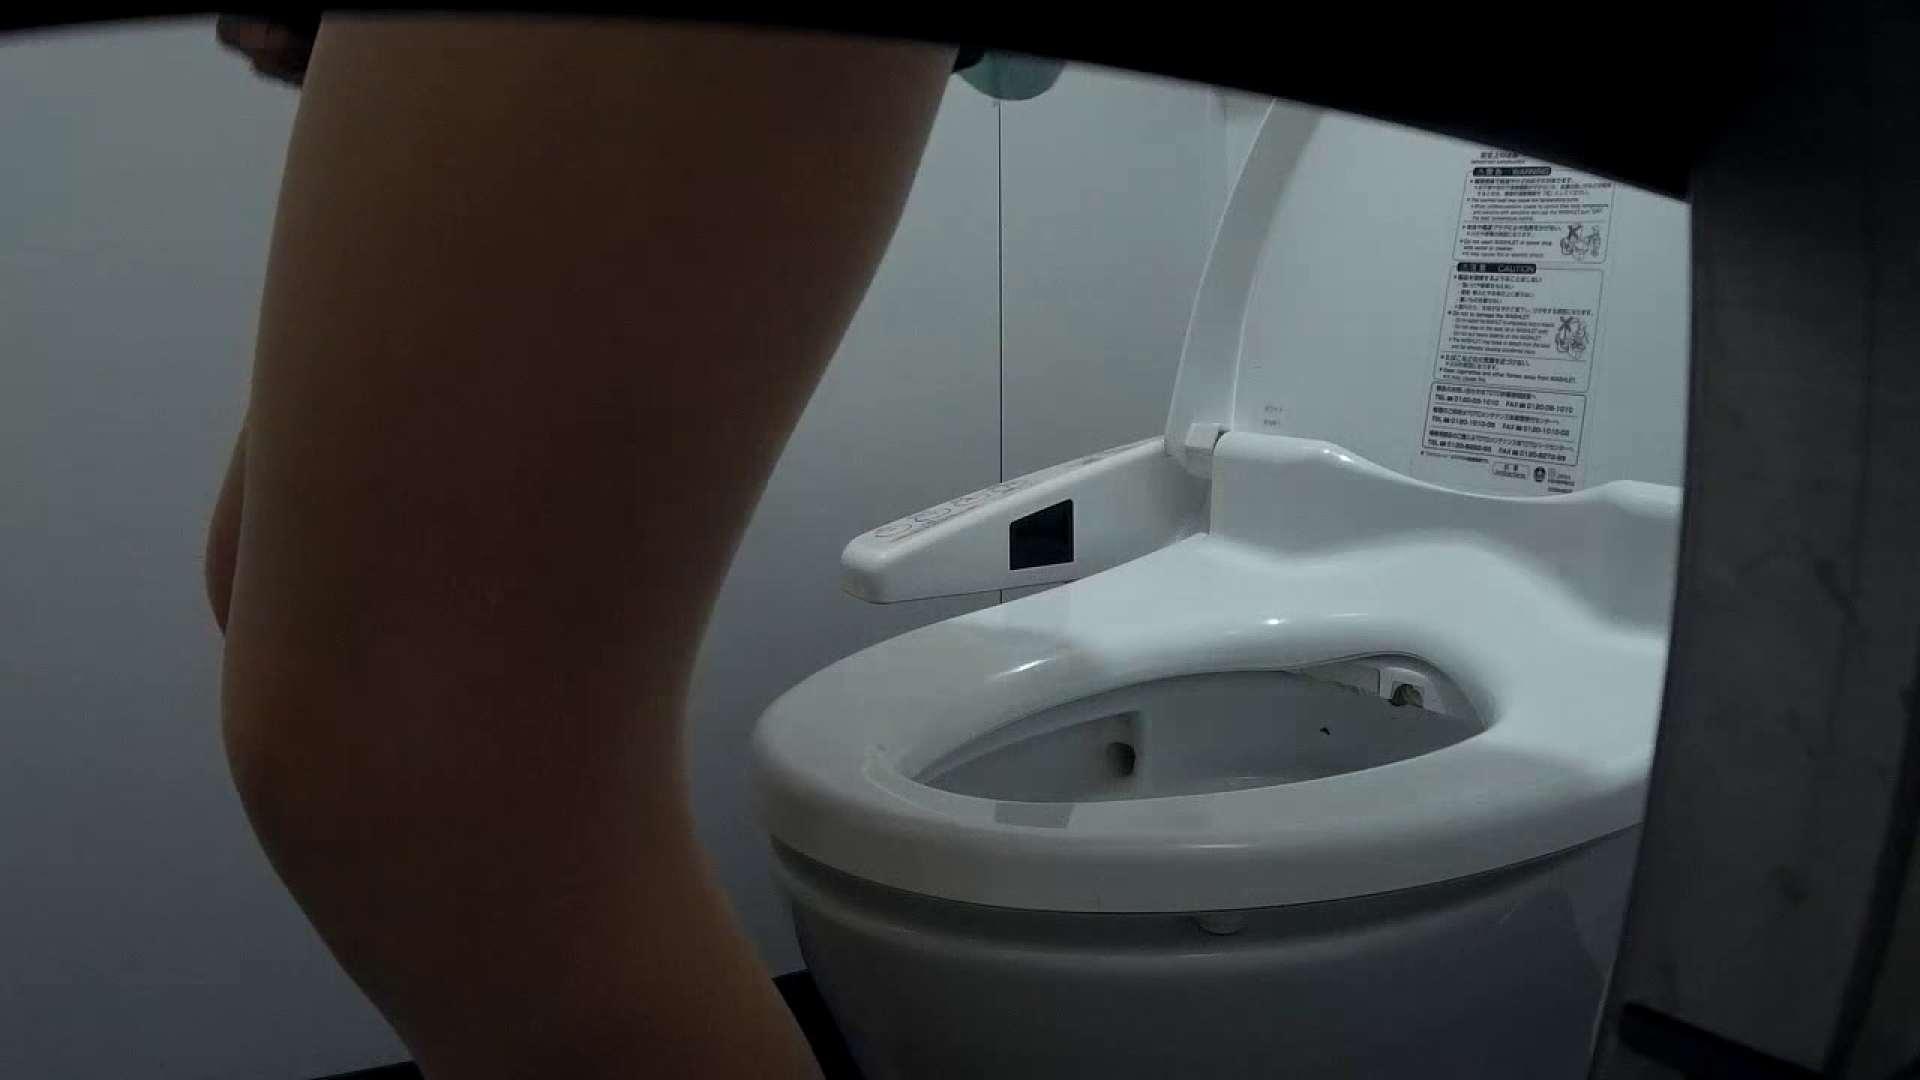 某有名大学女性洗面所 vol.34 今回は、2カメでばっちりいっちゃいました。 潜入  84画像 36